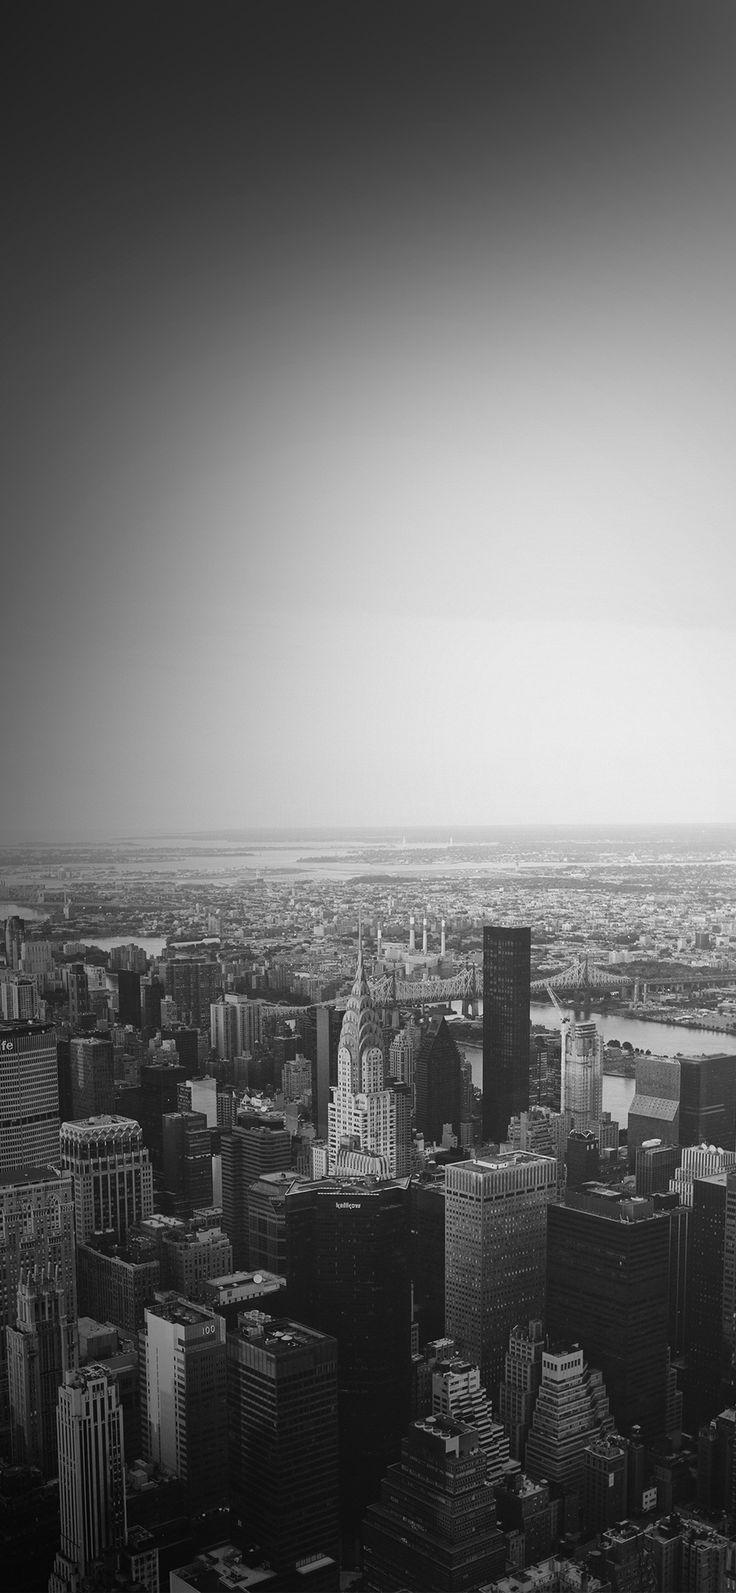 Iphone X Wallpaper Mo47 Jonas Nillson Newyork Dark City